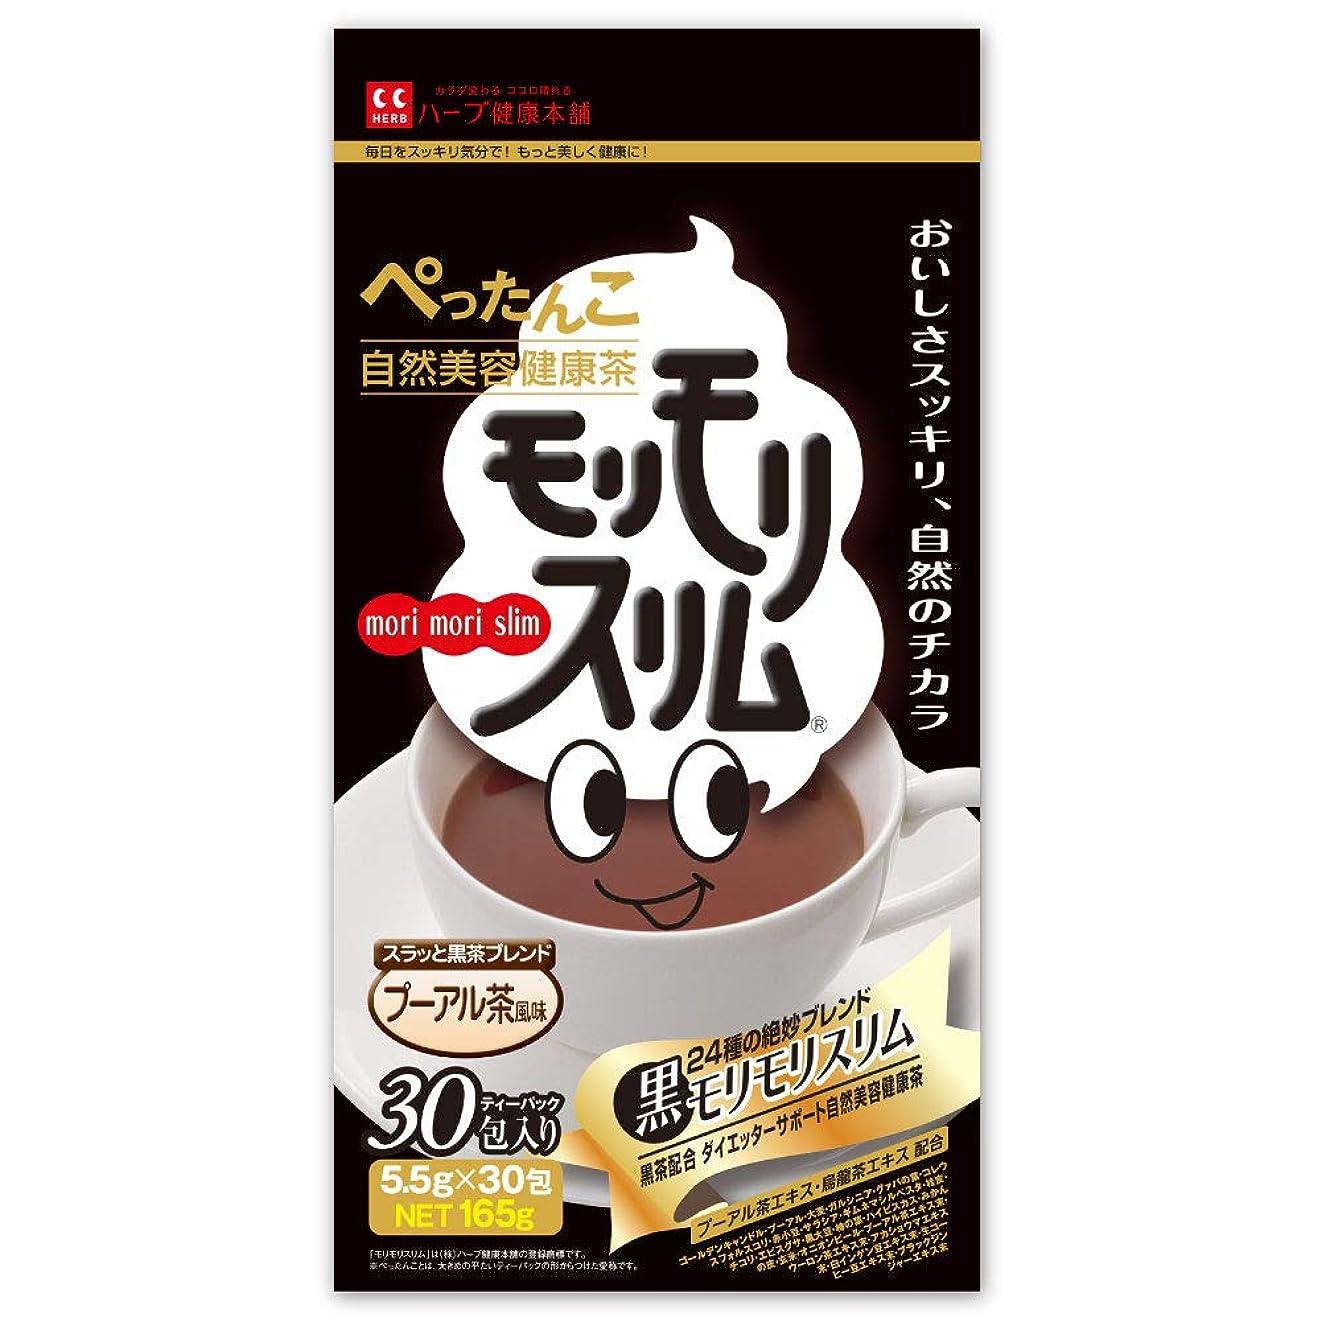 望ましい守銭奴減るハーブ健康本舗 黒モリモリスリム(プーアル茶風味) (30包)